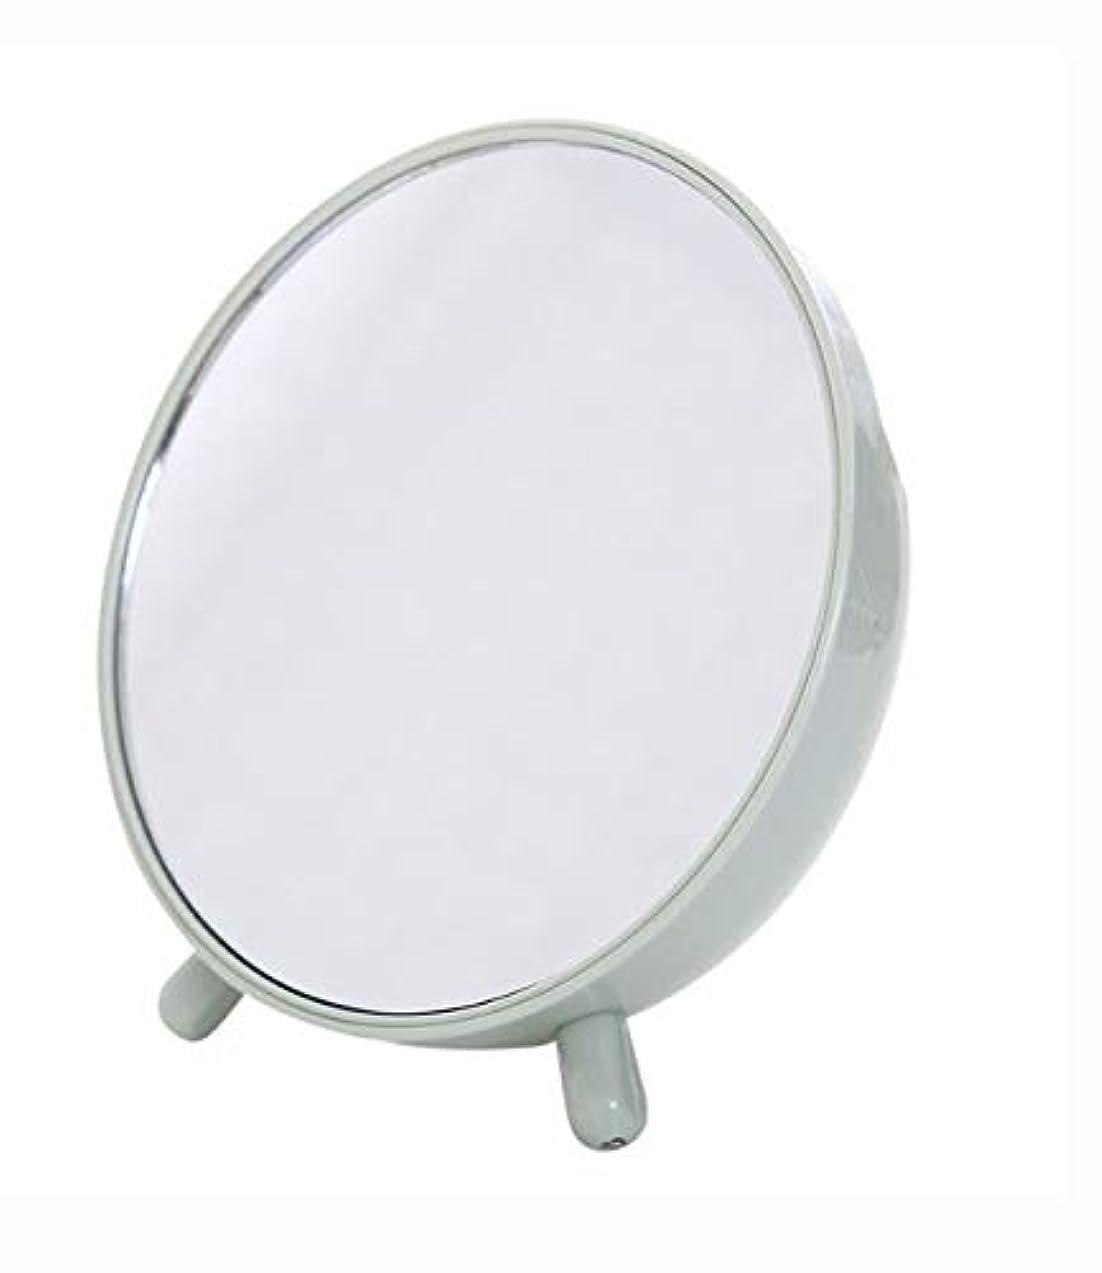 慣習海いま化粧鏡、収納箱の化粧品のギフトが付いている緑の簡単な円形のテーブルの化粧鏡